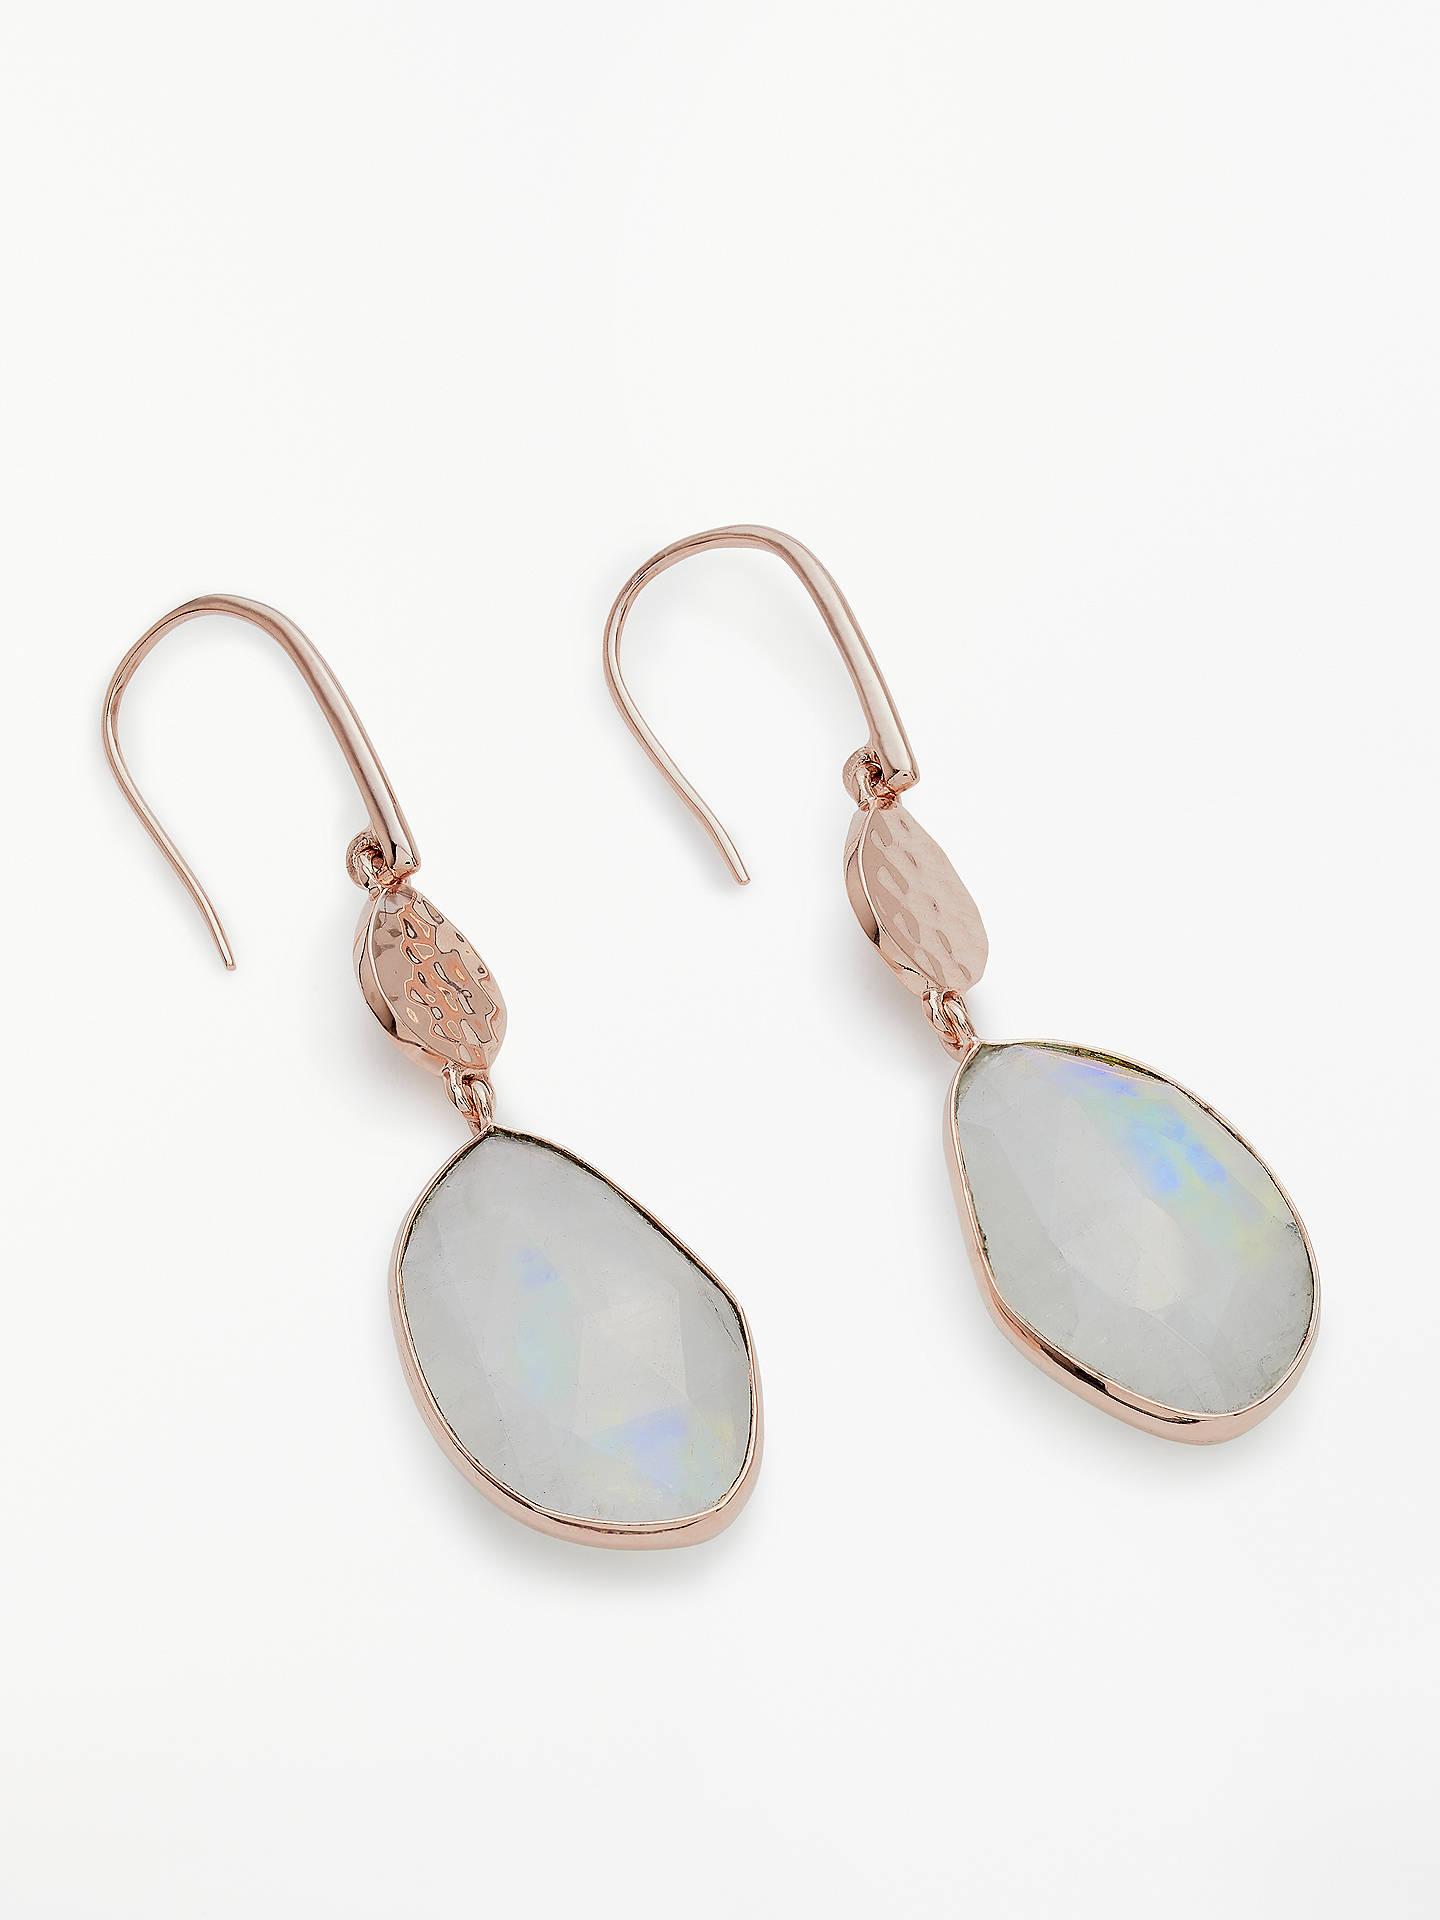 7ece33851eb3 Buy John Lewis & Partners Gemtones Hammered Disc Drop Earrings, Rainbow  Moonstone Online at johnlewis ...